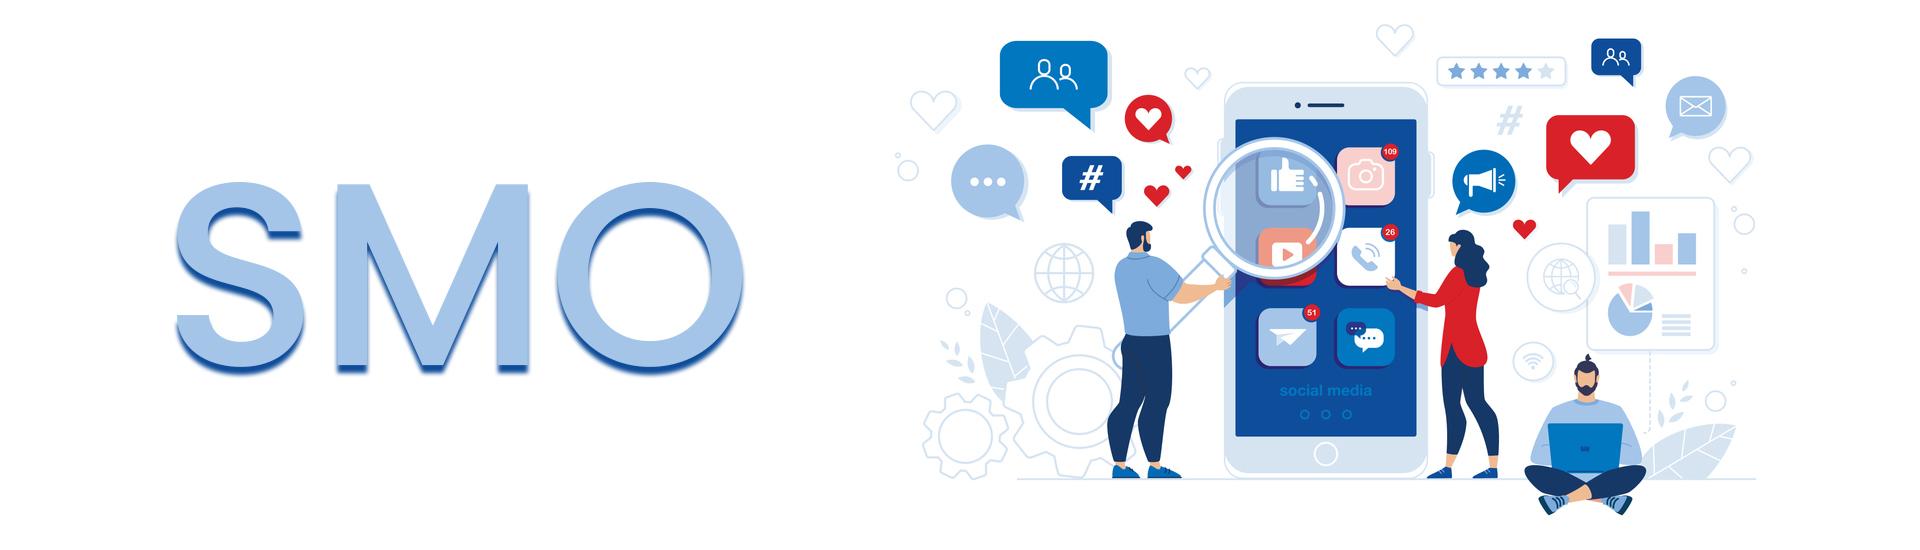 SMO Social Media Optimization Services